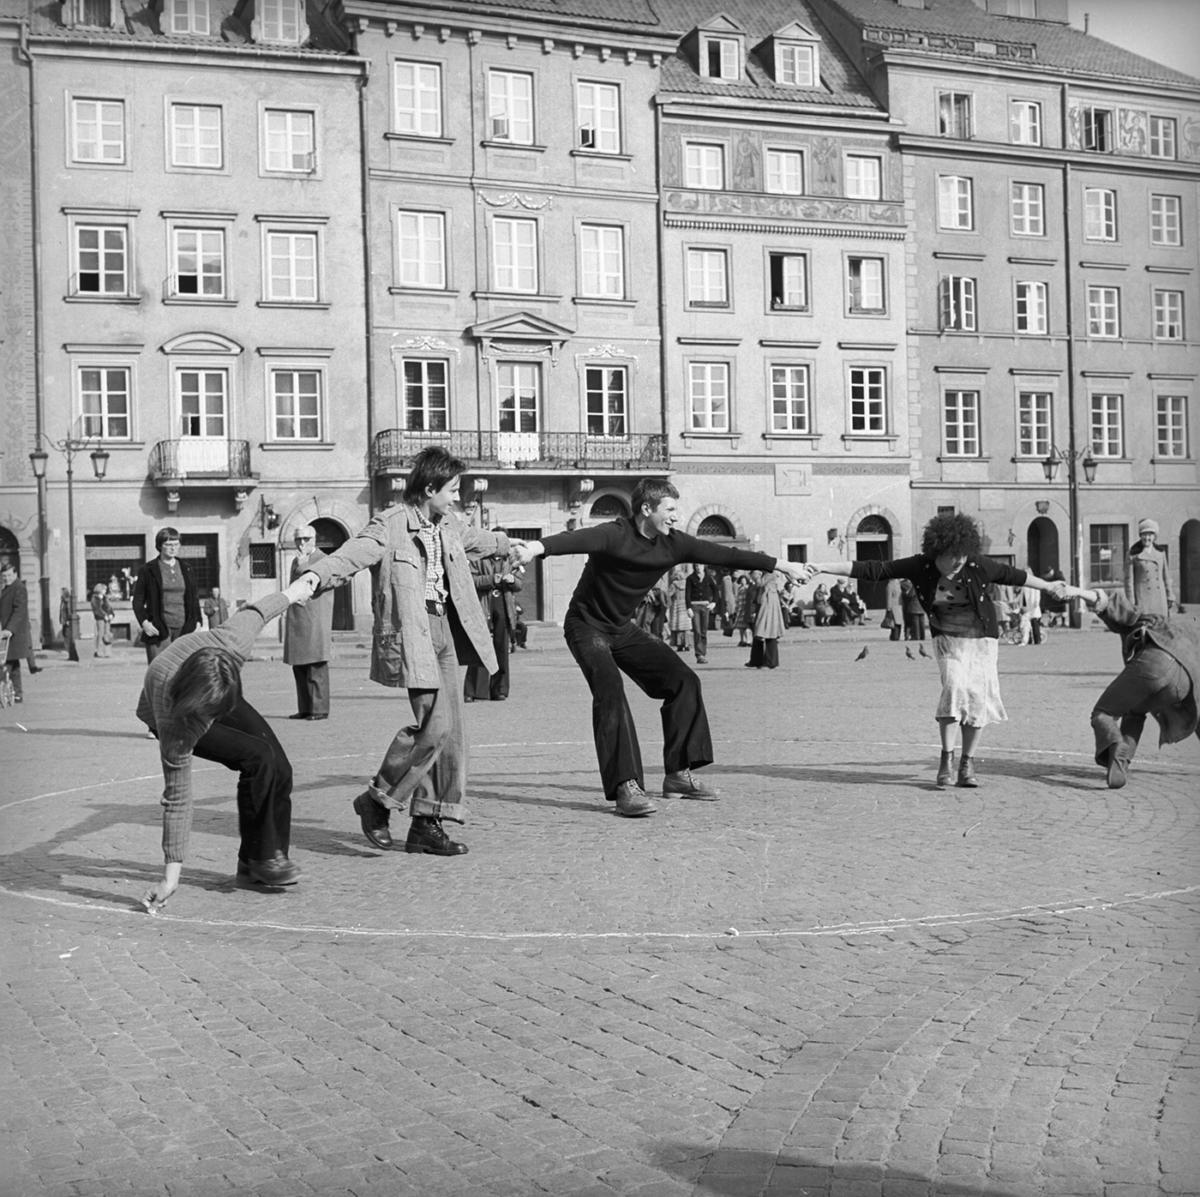 Niespokojna pewność –  Dziekanka / Warszawa – Miejsce nowej sztuki 1972–1998